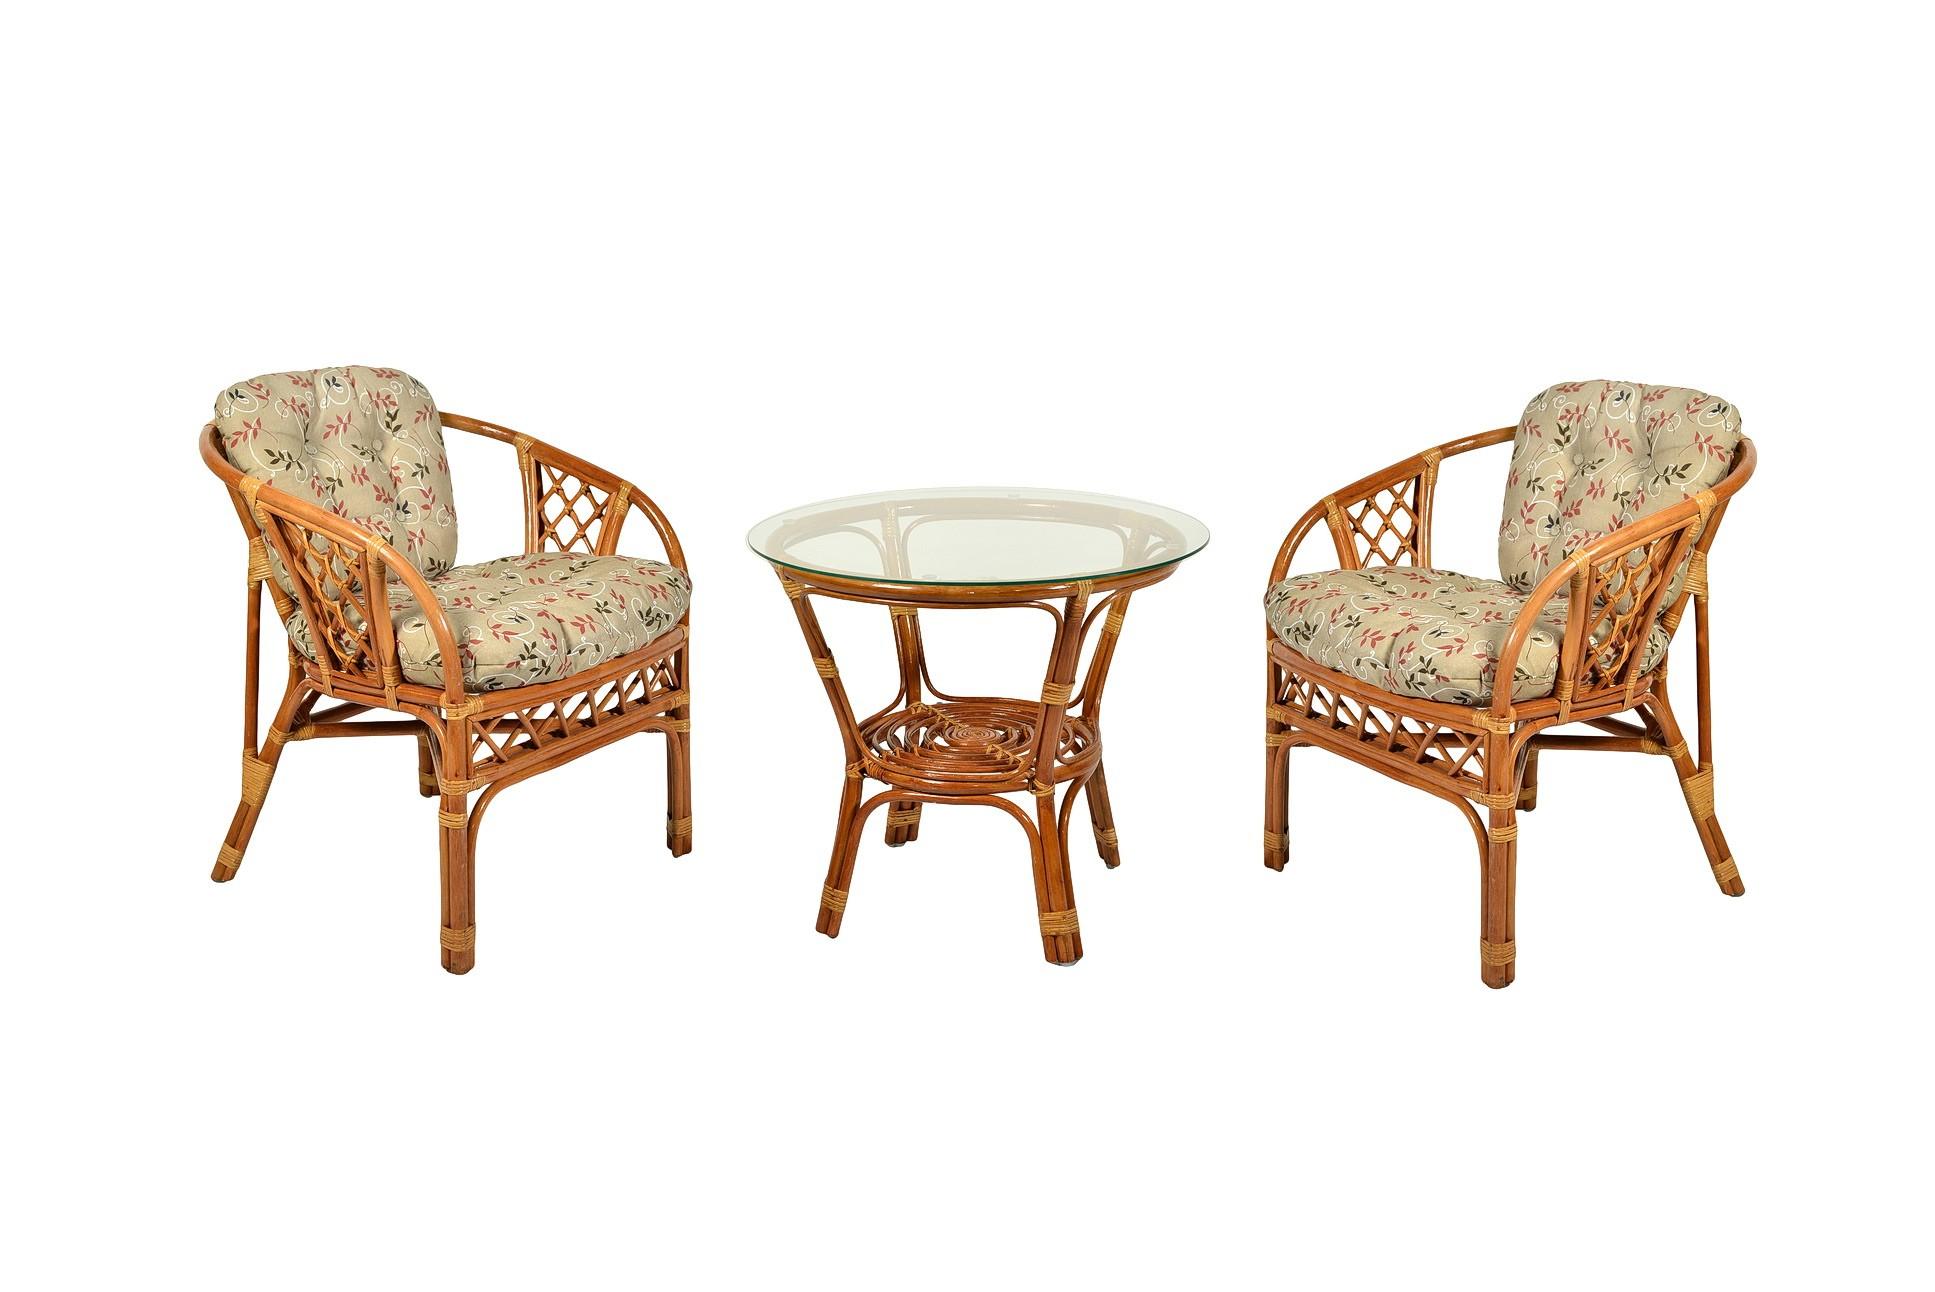 Кофейный комплект из ротанга GIKU Аркадиа DH (стол журнальный и 2 кресла)